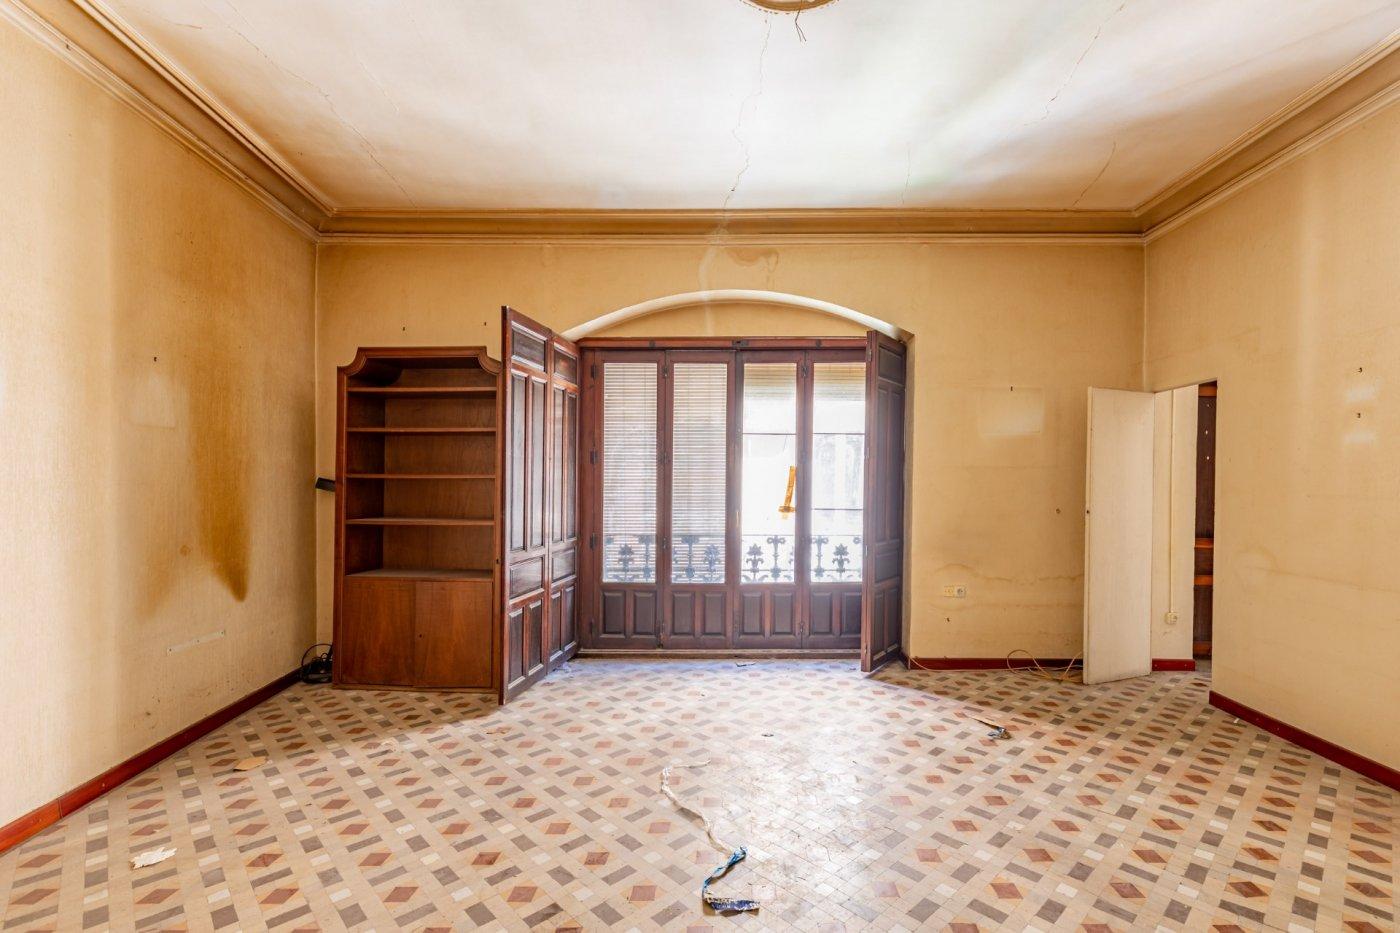 Imponente piso en venta - imagenInmueble13